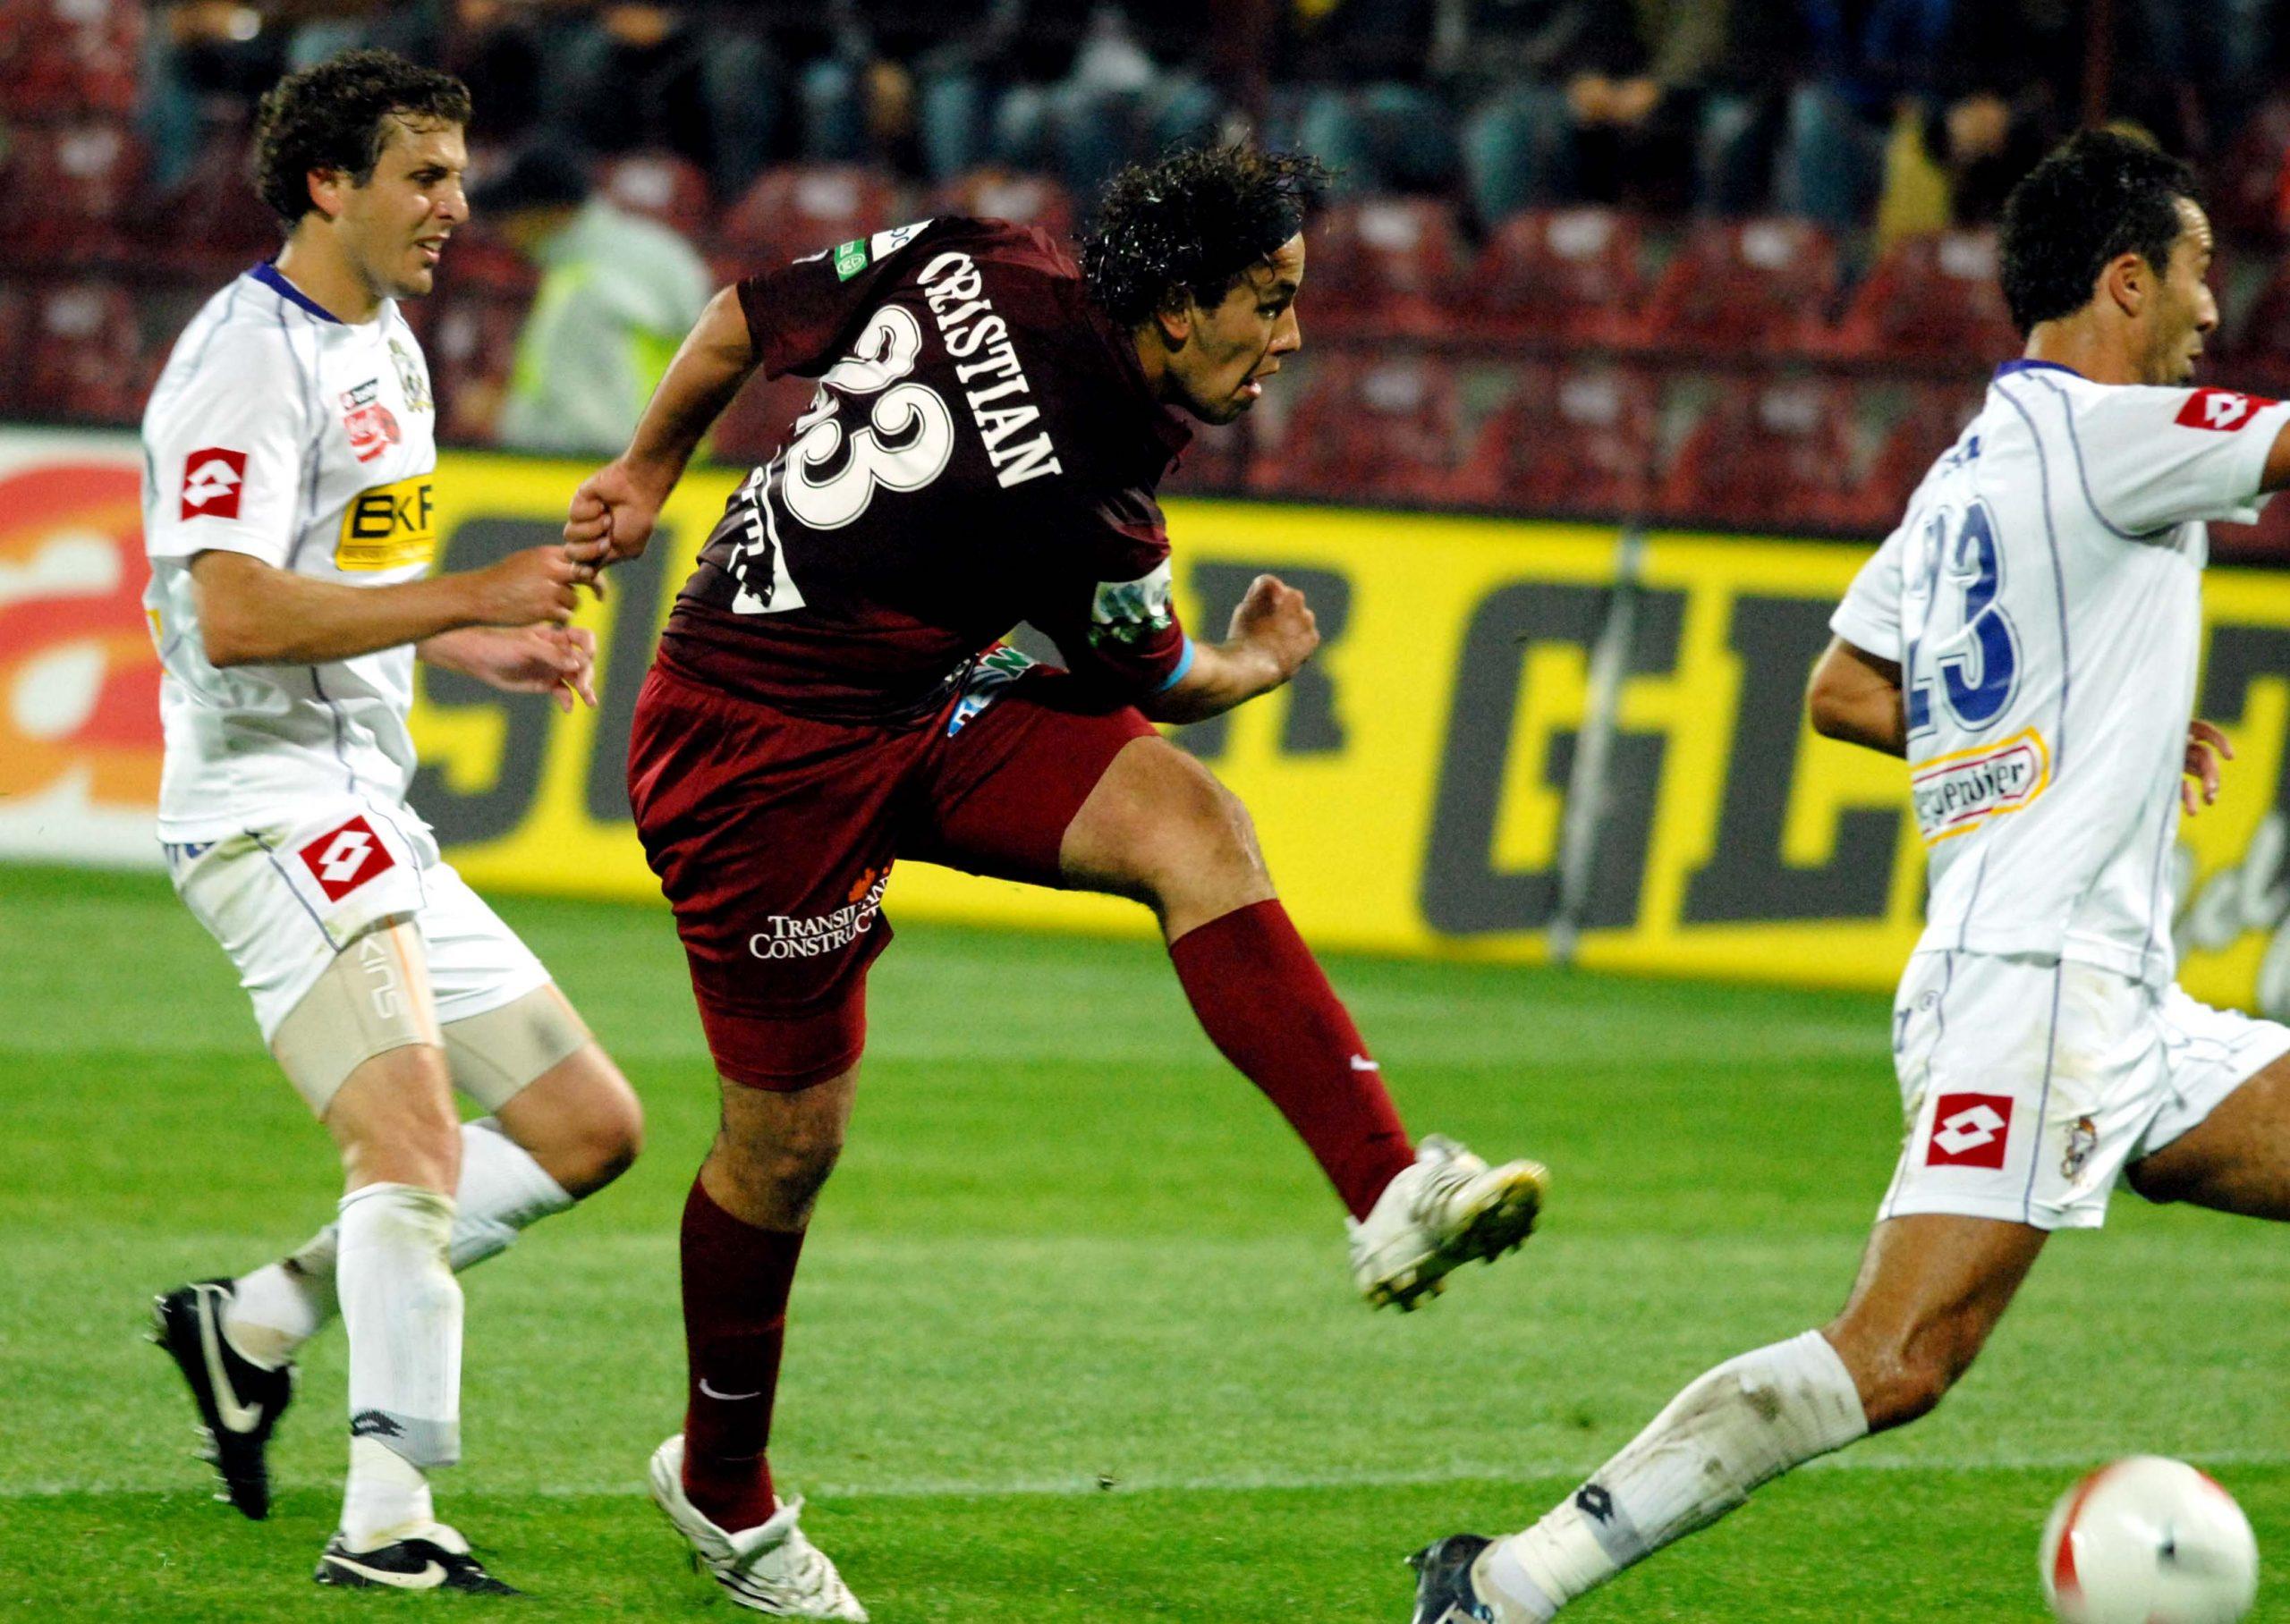 Reperele lui CFR Cluj, echipa care în 2000 era ca şi desființată, iar acum domină fotbalul românesc